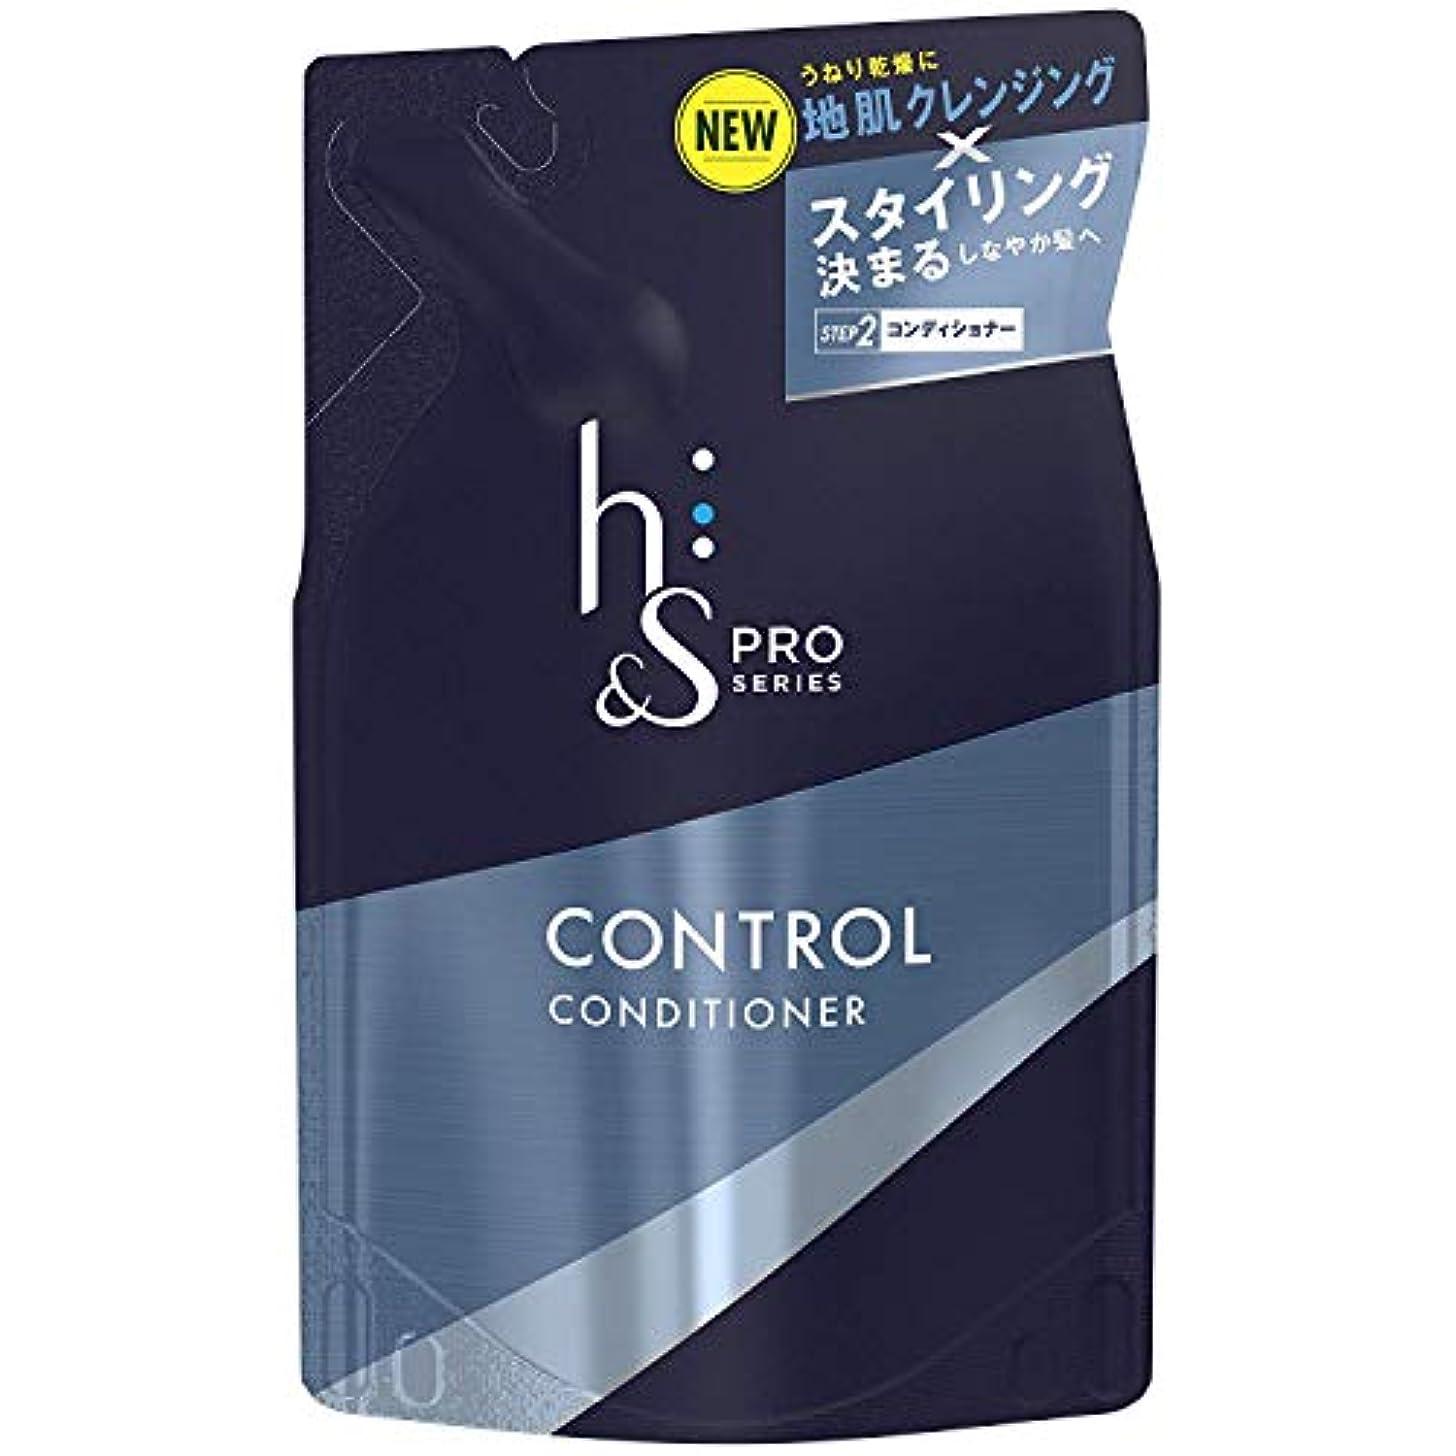 しなやかなジム道【3個セット】h&s PRO (エイチアンドエス プロ) メンズ コンディショナー コントロール 詰め替え (スタイリング重視) 300g